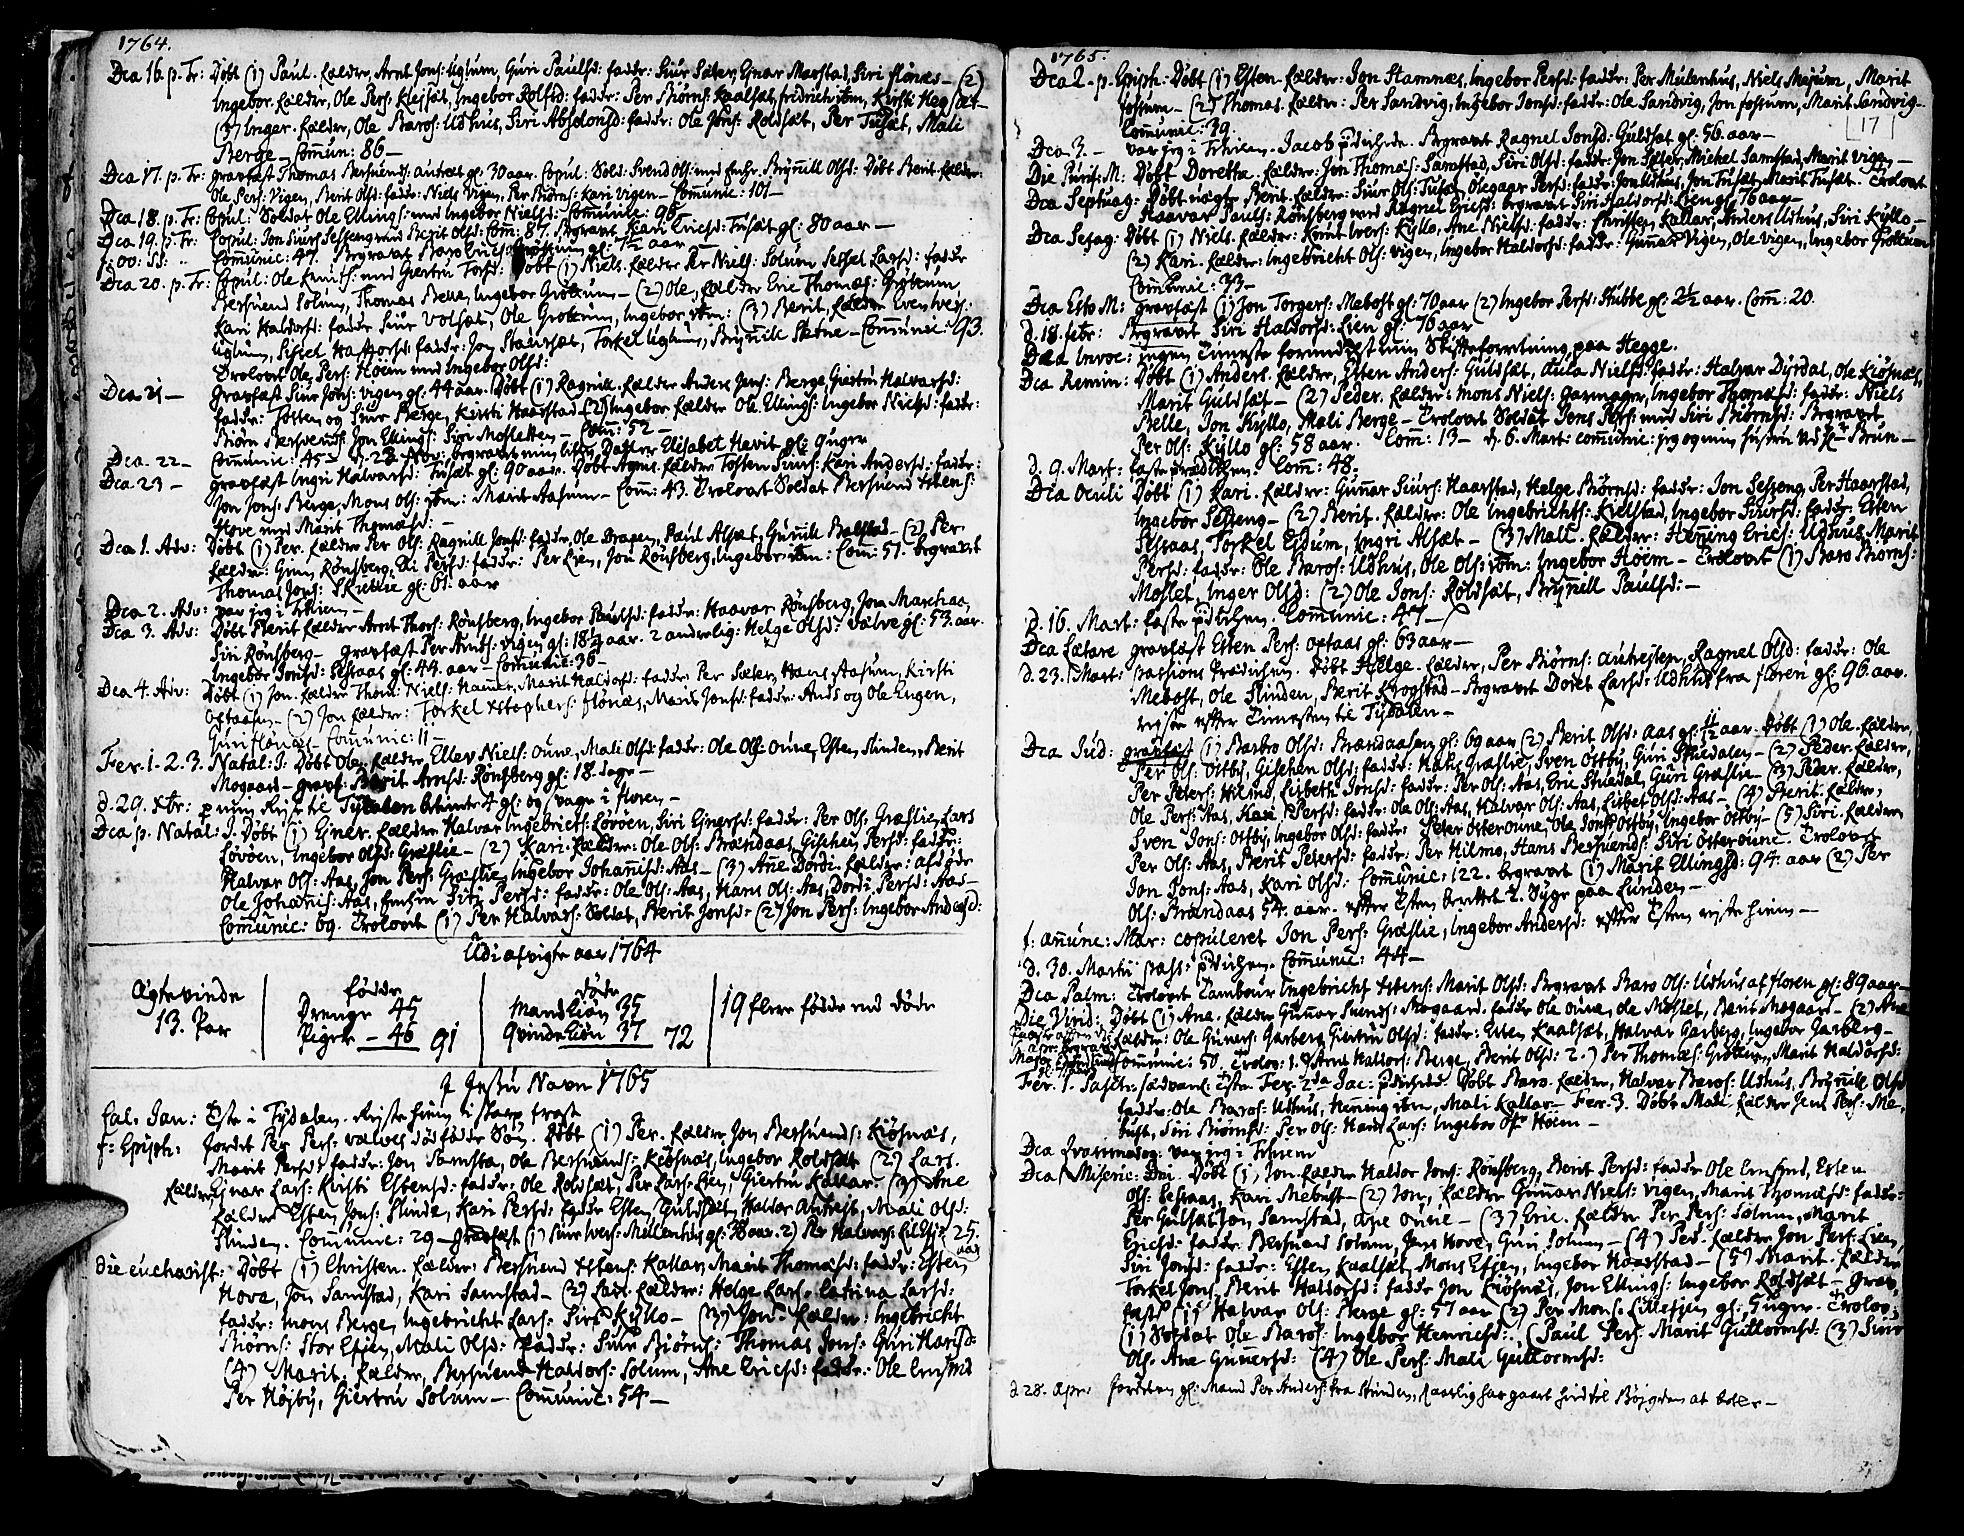 SAT, Ministerialprotokoller, klokkerbøker og fødselsregistre - Sør-Trøndelag, 695/L1138: Ministerialbok nr. 695A02 /1, 1757-1801, s. 17